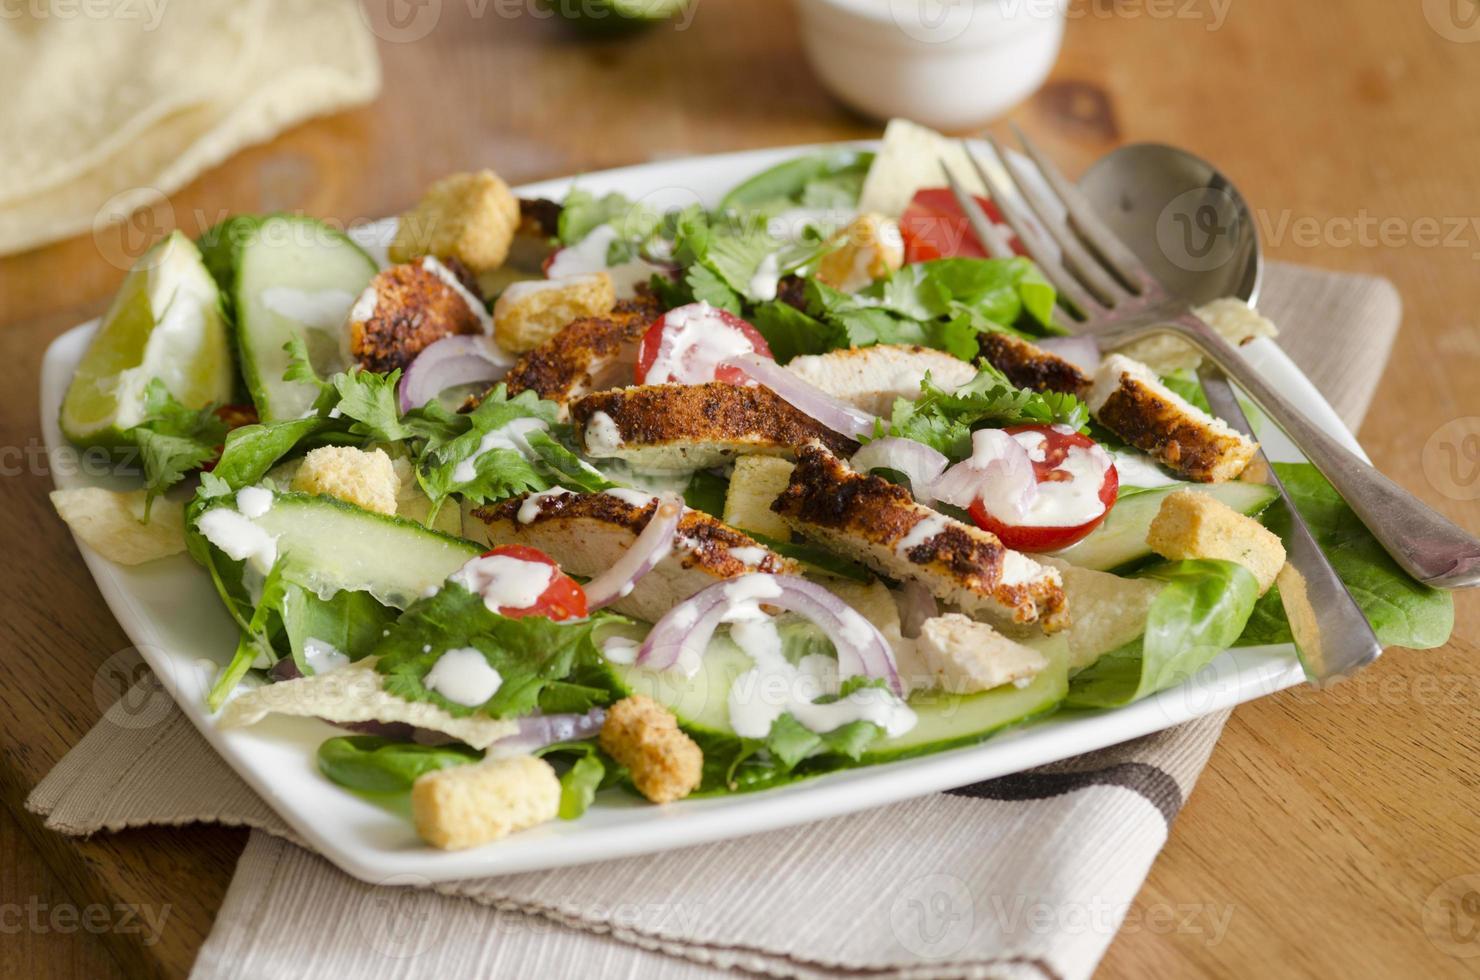 insalata di pollo indiana foto